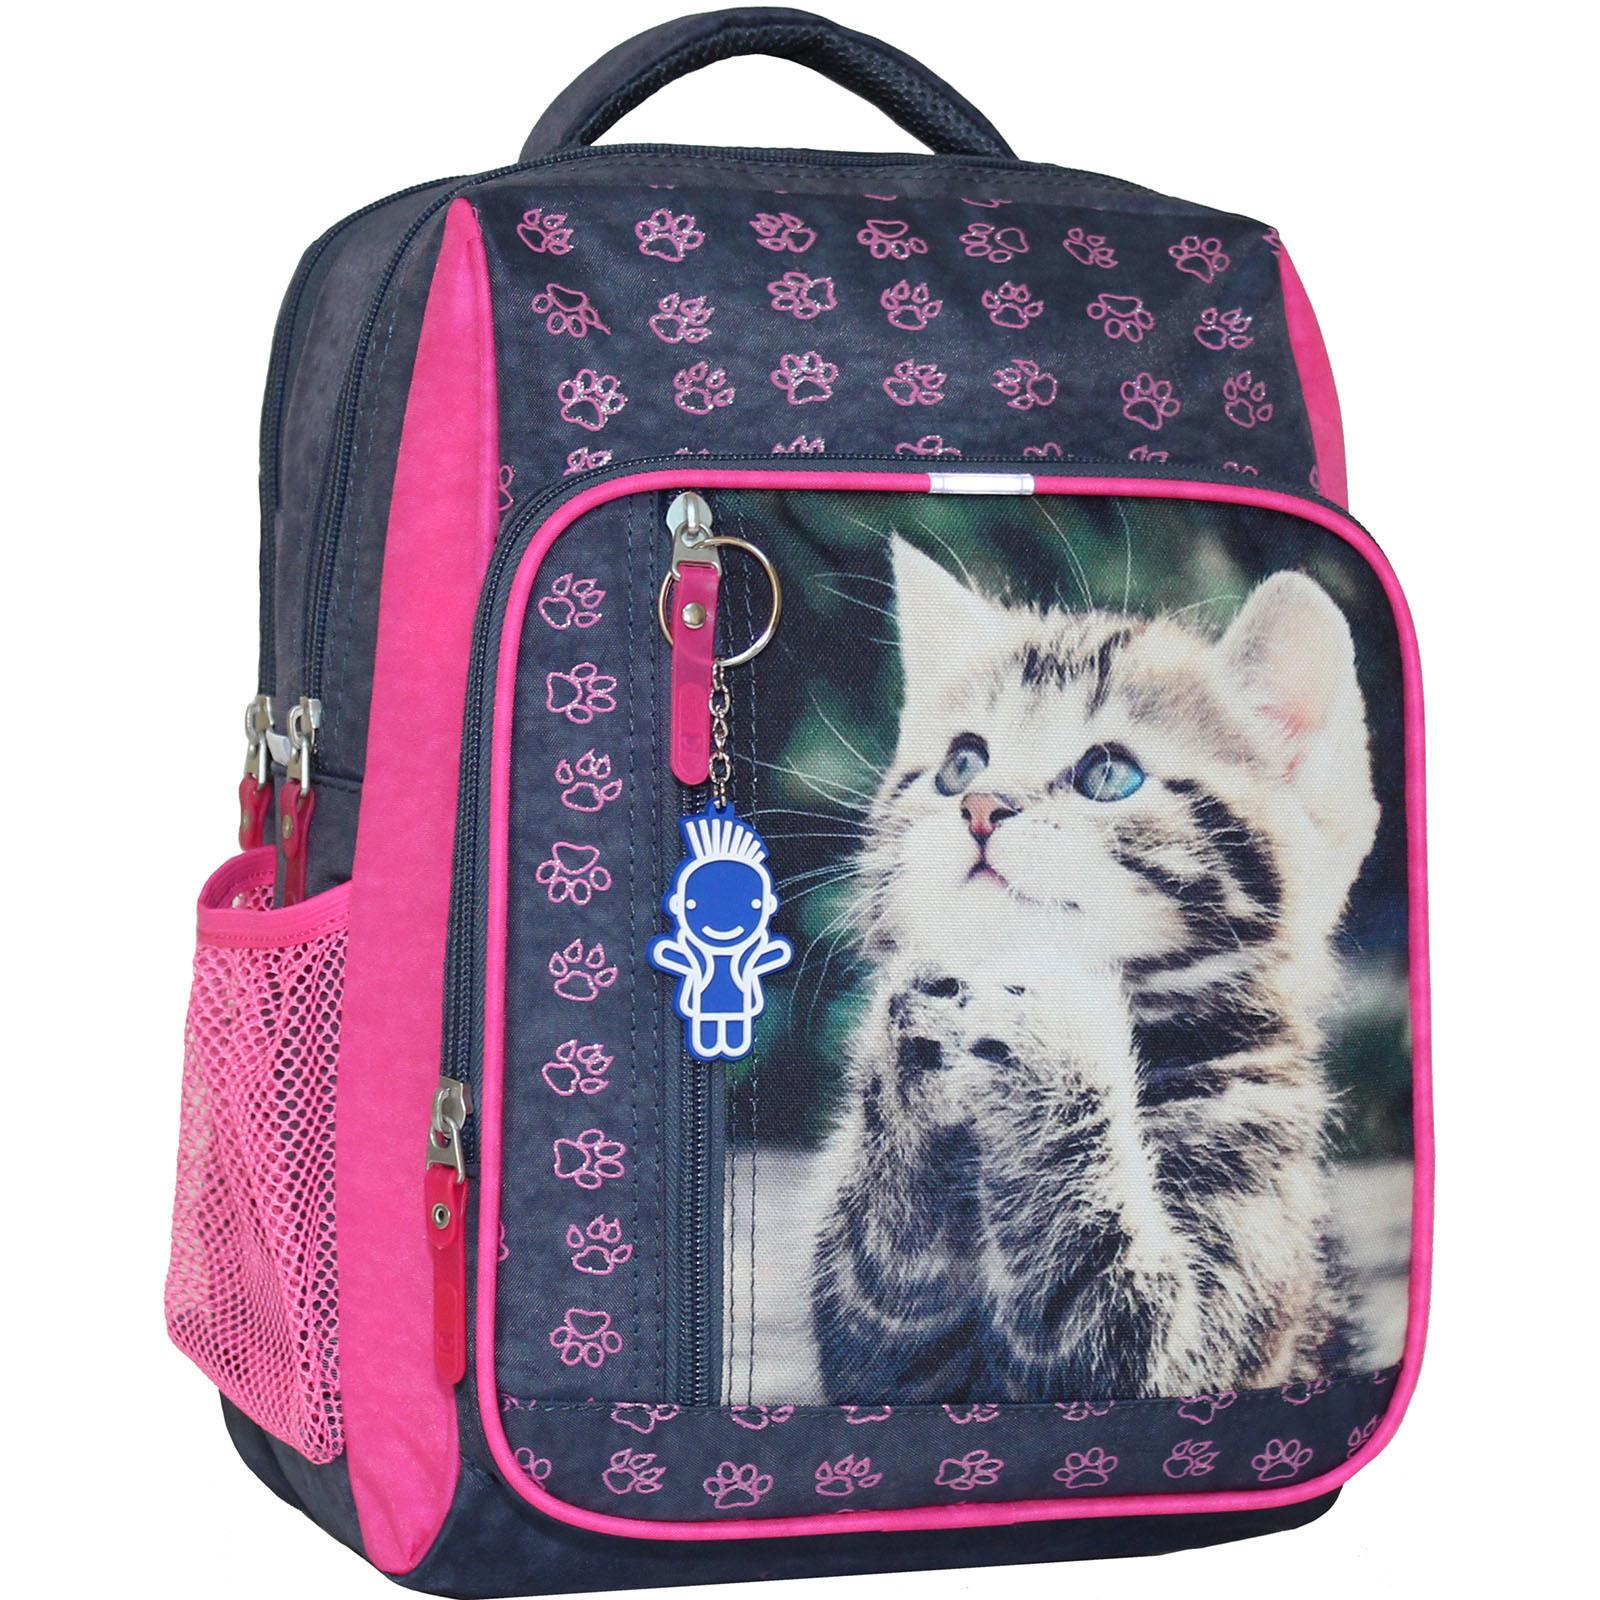 Школьные рюкзаки Рюкзак школьный Bagland Школьник 8 л. 321 серый 21д (0012870) IMG_4697.JPG